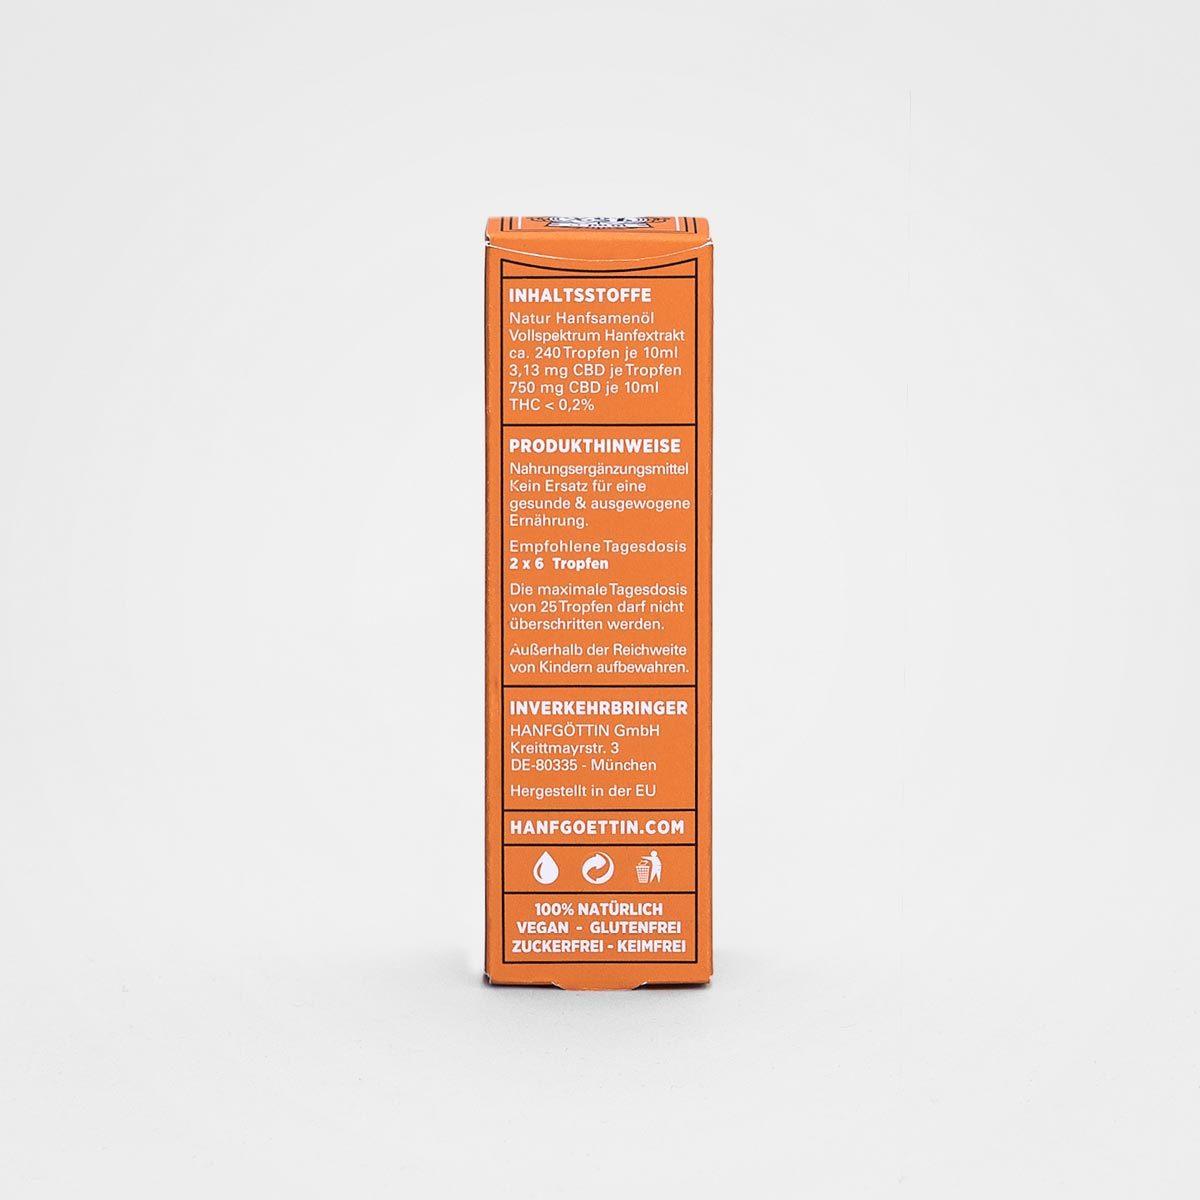 7,5% CBD 750mg Sanddorn CBD Öl von HANFGÖTTIN